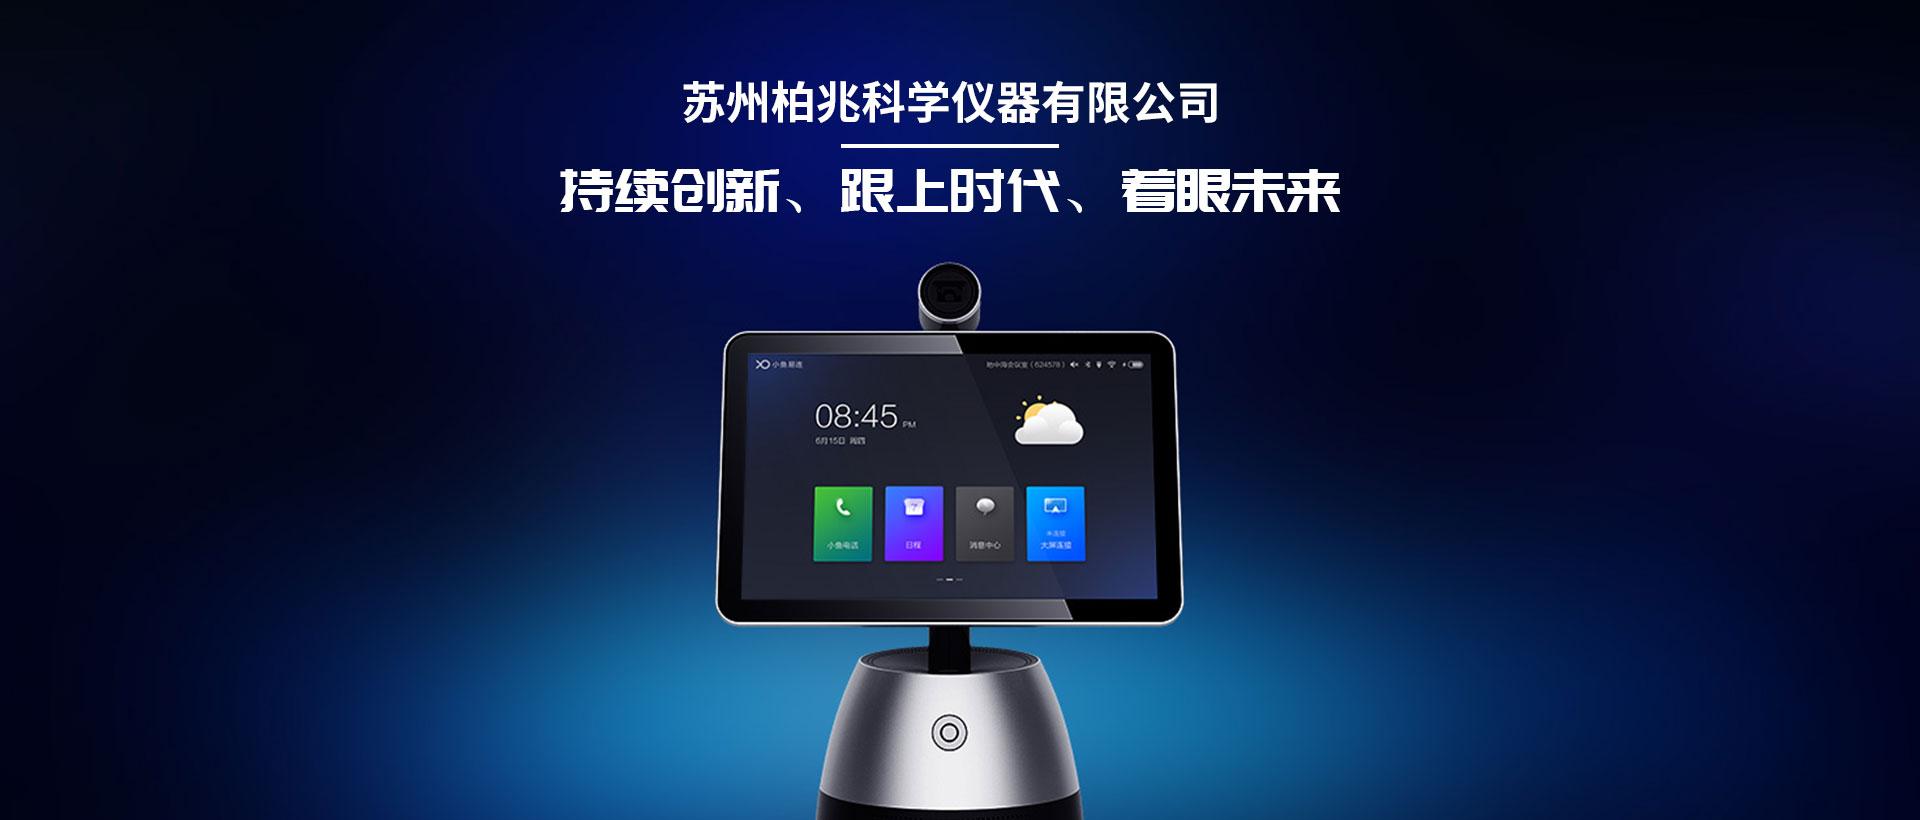 苏州远程视频会议系统